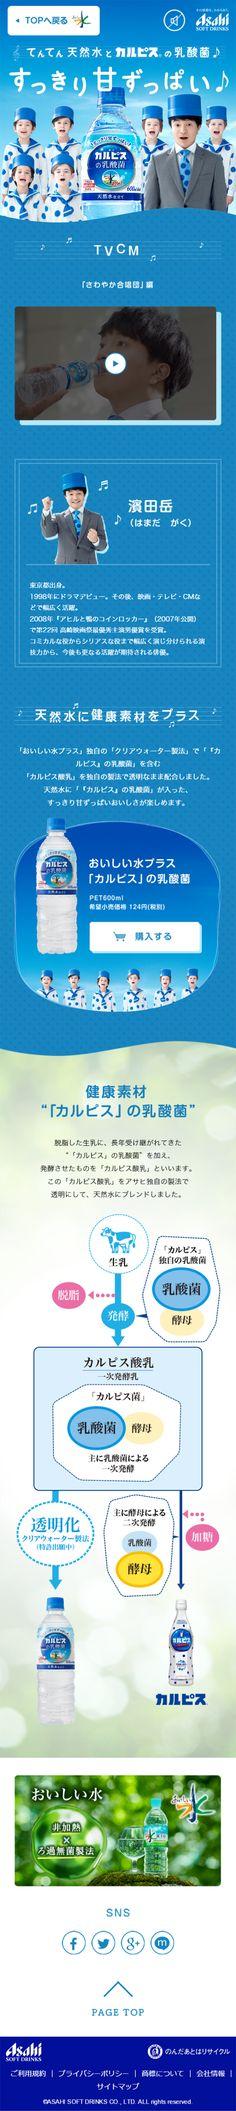 おいしい水プラス「カルピス」の乳酸菌|WEBデザイナーさん必見!スマホランディングページのデザイン参考に(にぎやか系)